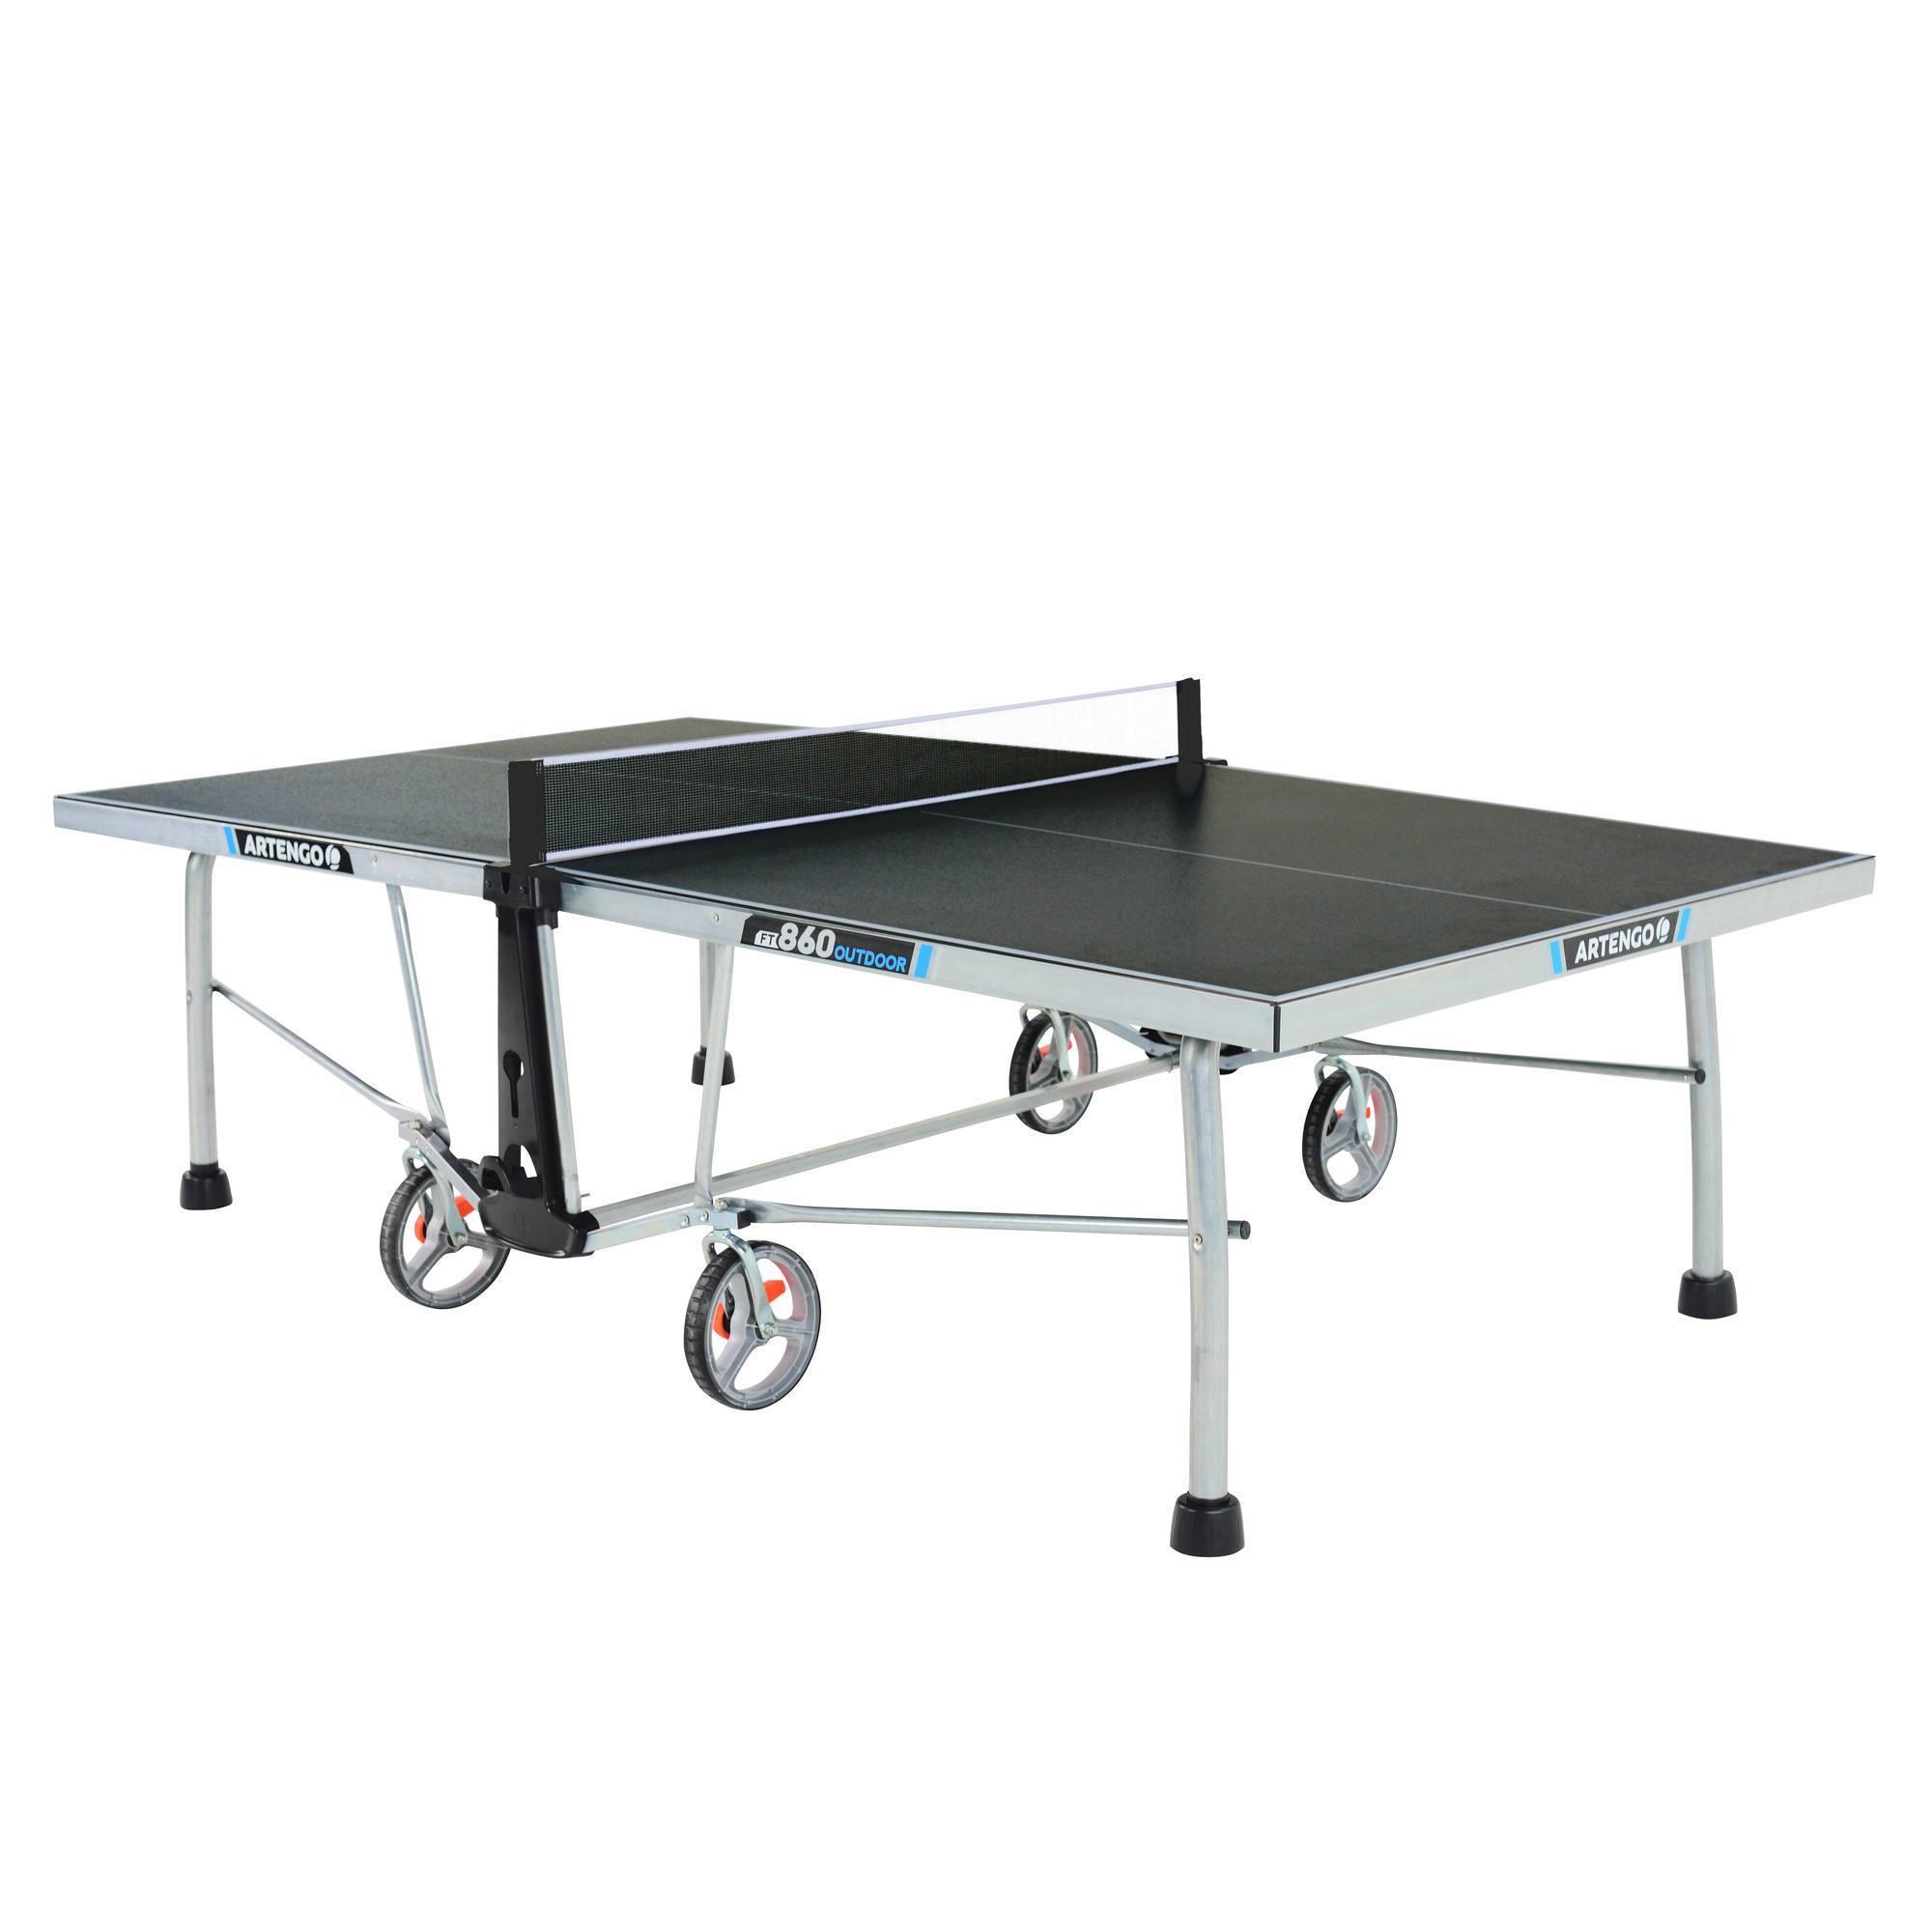 TABLE DE PING PONG  ARTENGO FT 860 Outddor